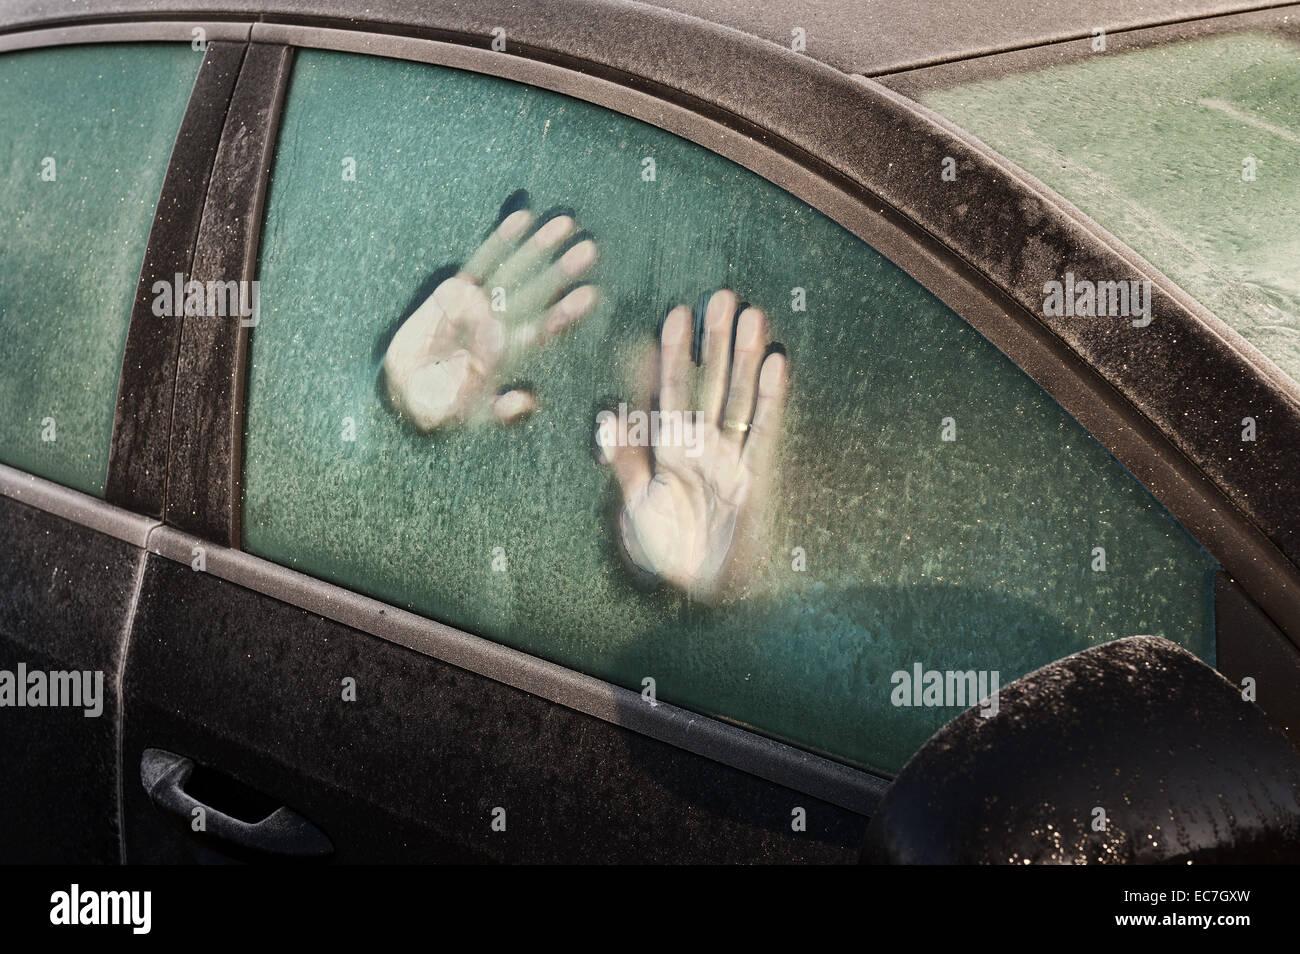 Hand wie Foot print druckt geschmolzene Frost auf Fenster Auto Idee gefangen im Inneren Überlebenden Kältewelle Stockbild